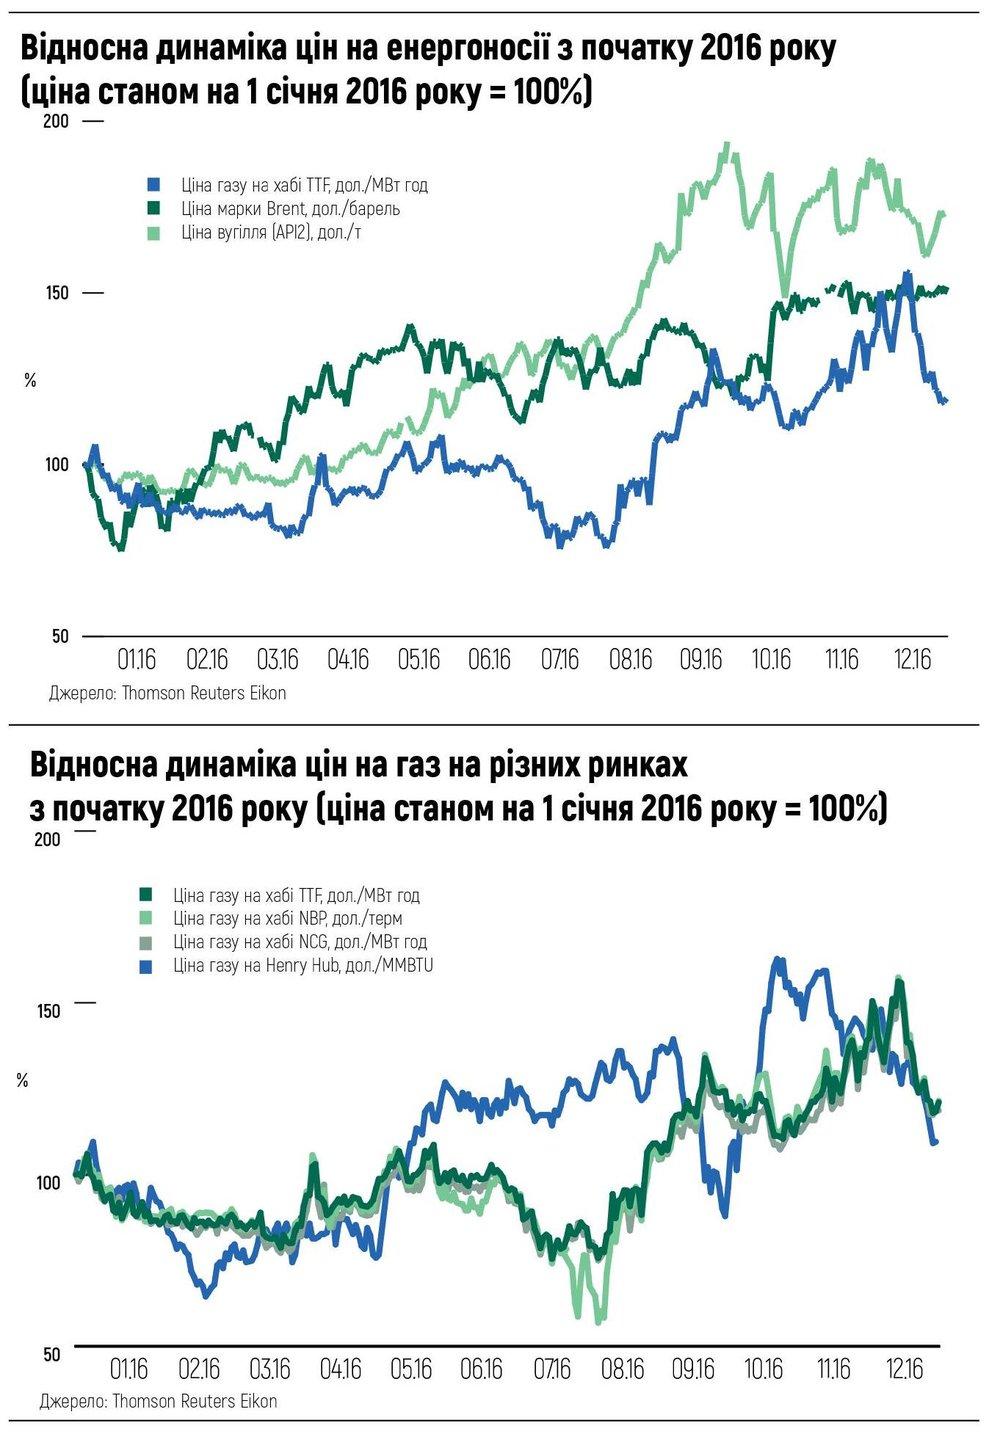 Відносна динаміка цін на енергоносії